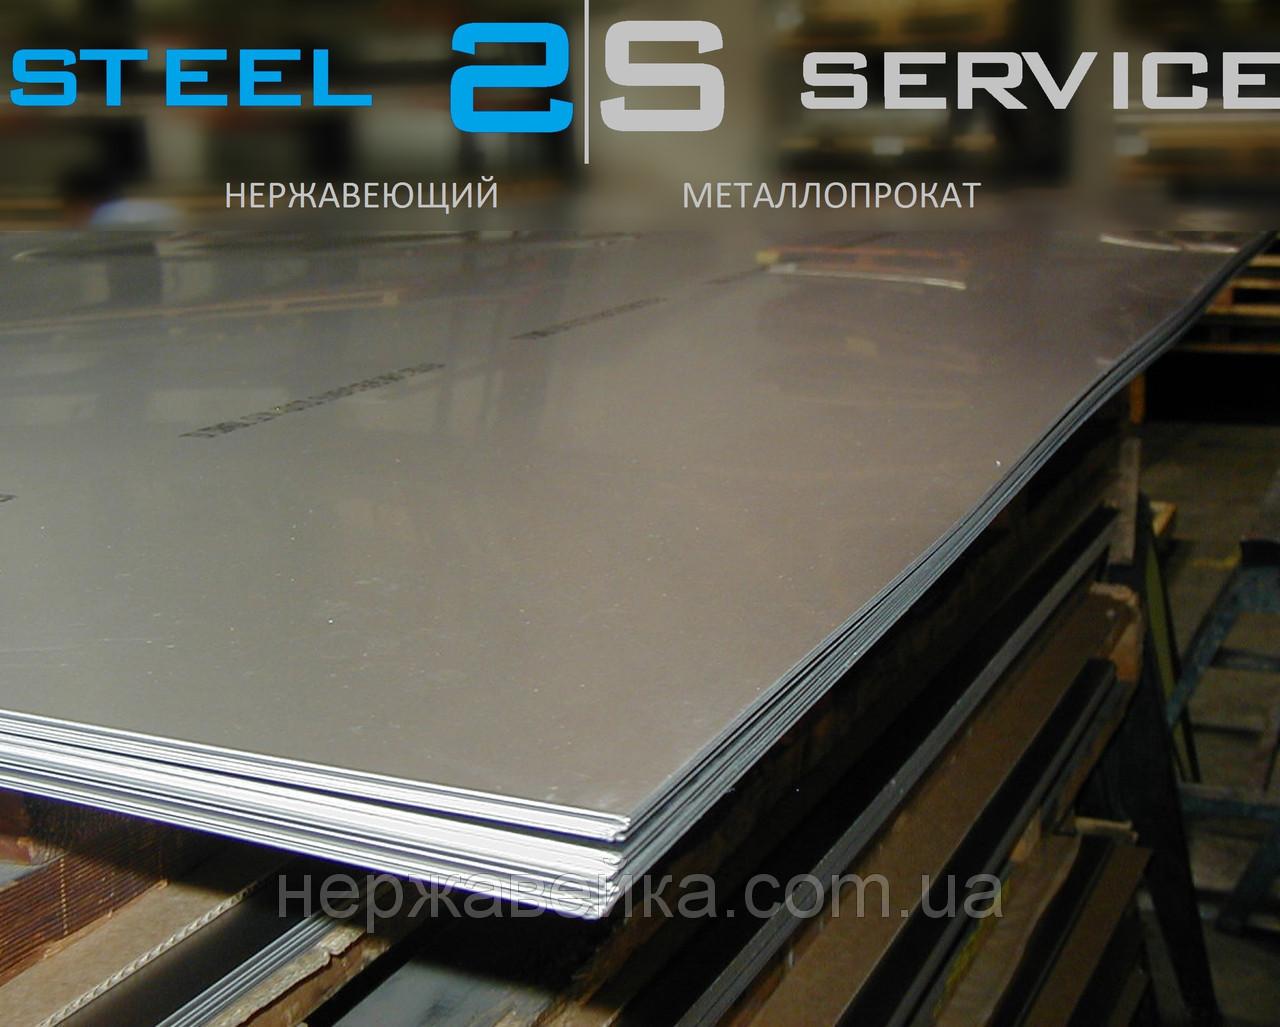 Нержавеющий лист 6х1500х6000мм AISI 321(08Х18Н10Т) F1 - горячекатанный,  пищевой